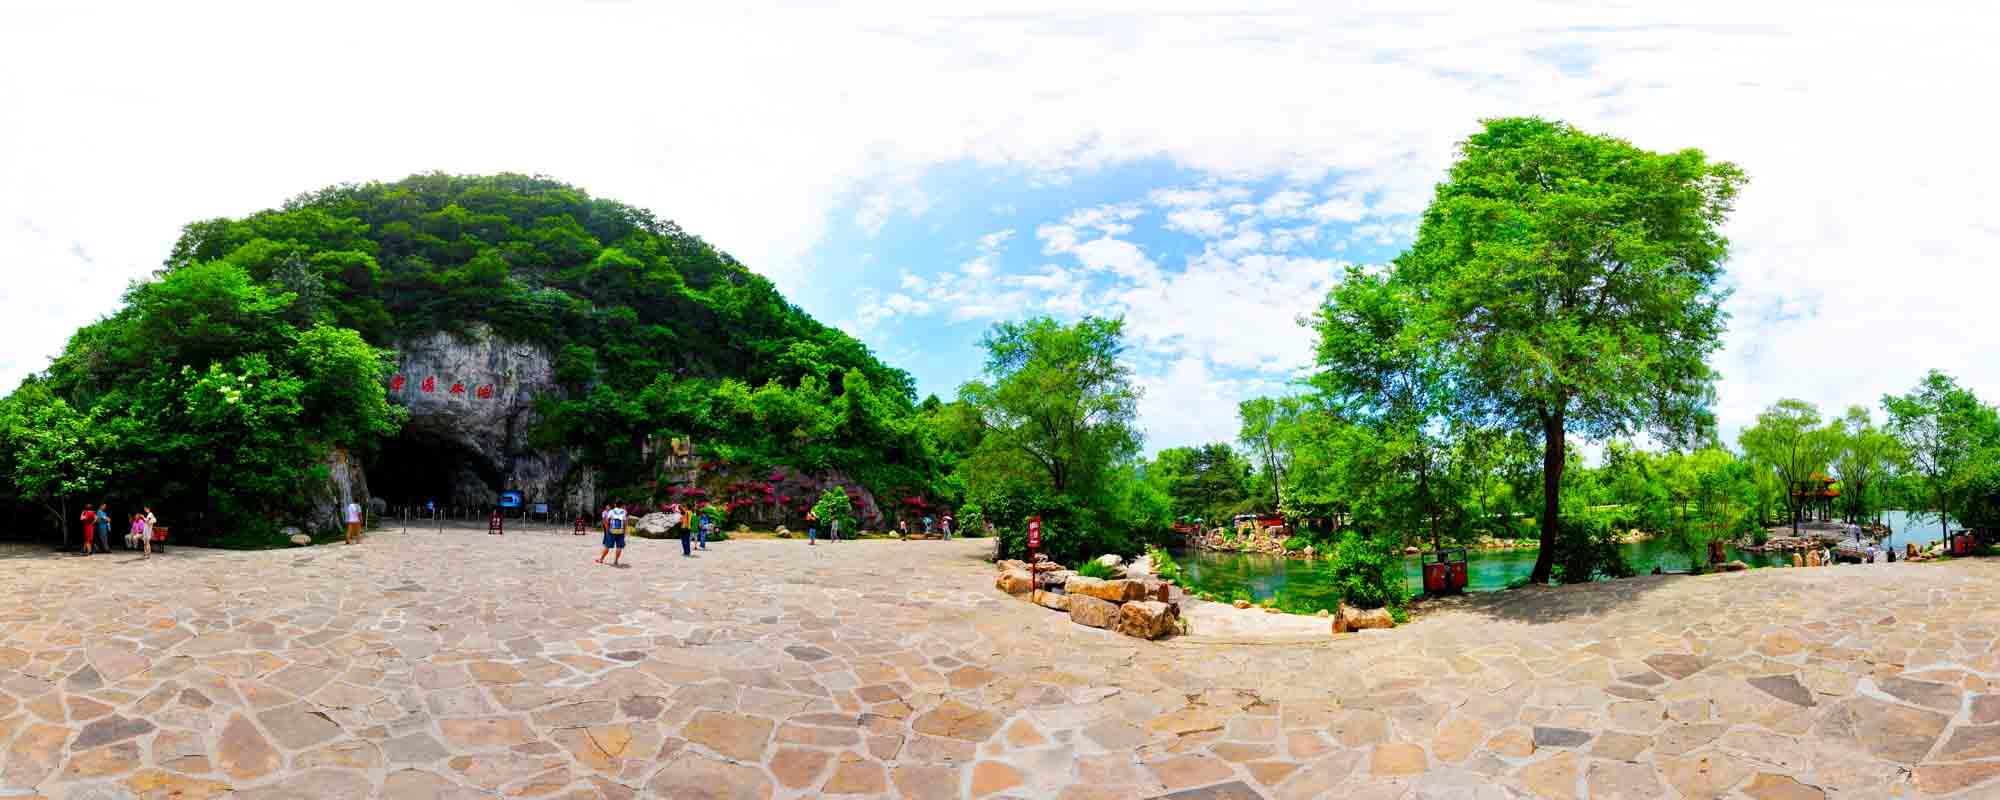 本溪虚拟旅游